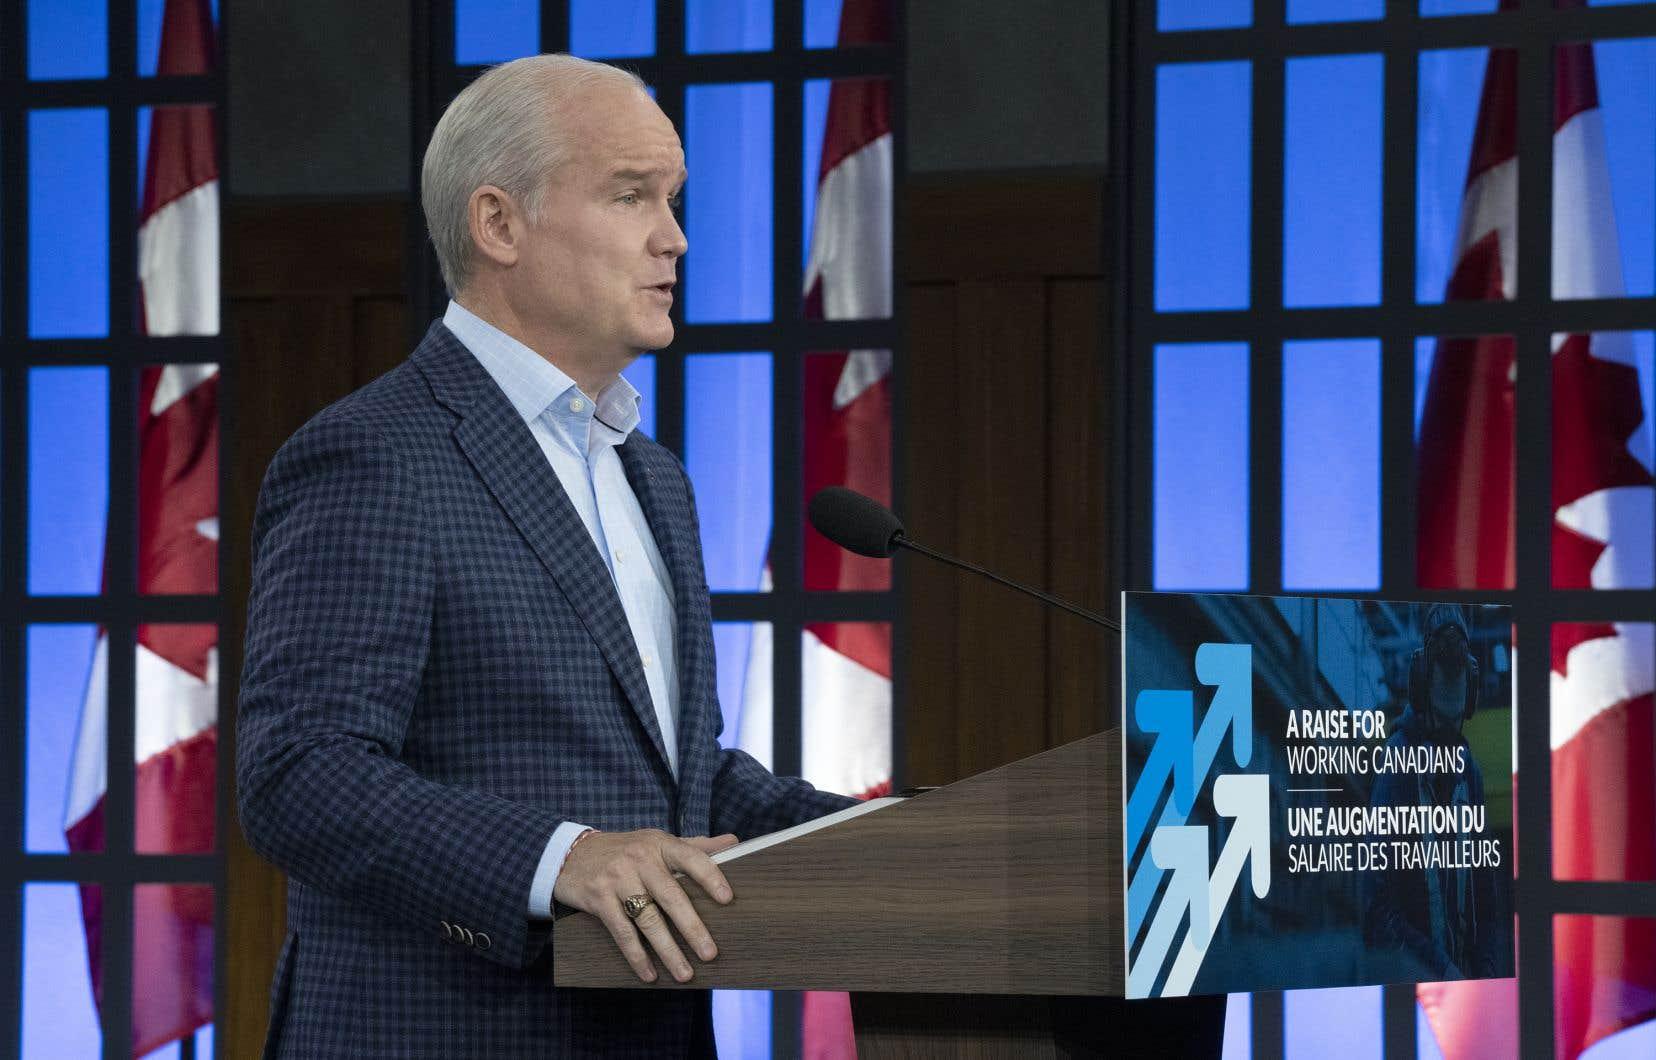 Le chef conservateur a également annoncé qu'il doublerait les montants accordés aux personnes vivant avec un handicap, de 713 à 1500$.